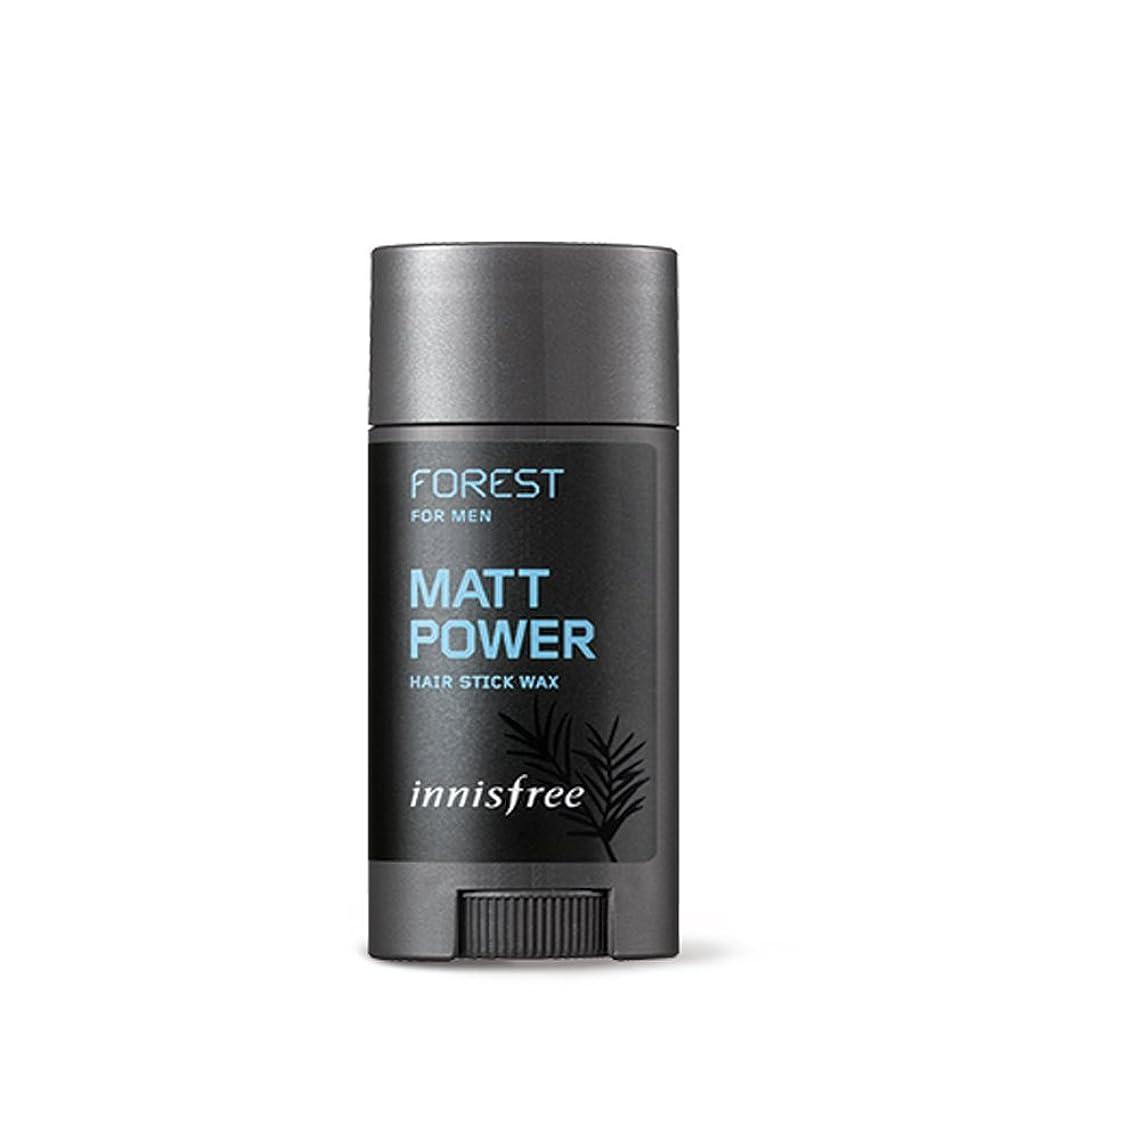 トレードハンディキャップすなわちイニスフリーフォレストメンズヘアスティックワックス、マットパワー15g / Innisfree Forest for Men Hair Stick Wax, Matt Power 15g [並行輸入品][海外直送品]